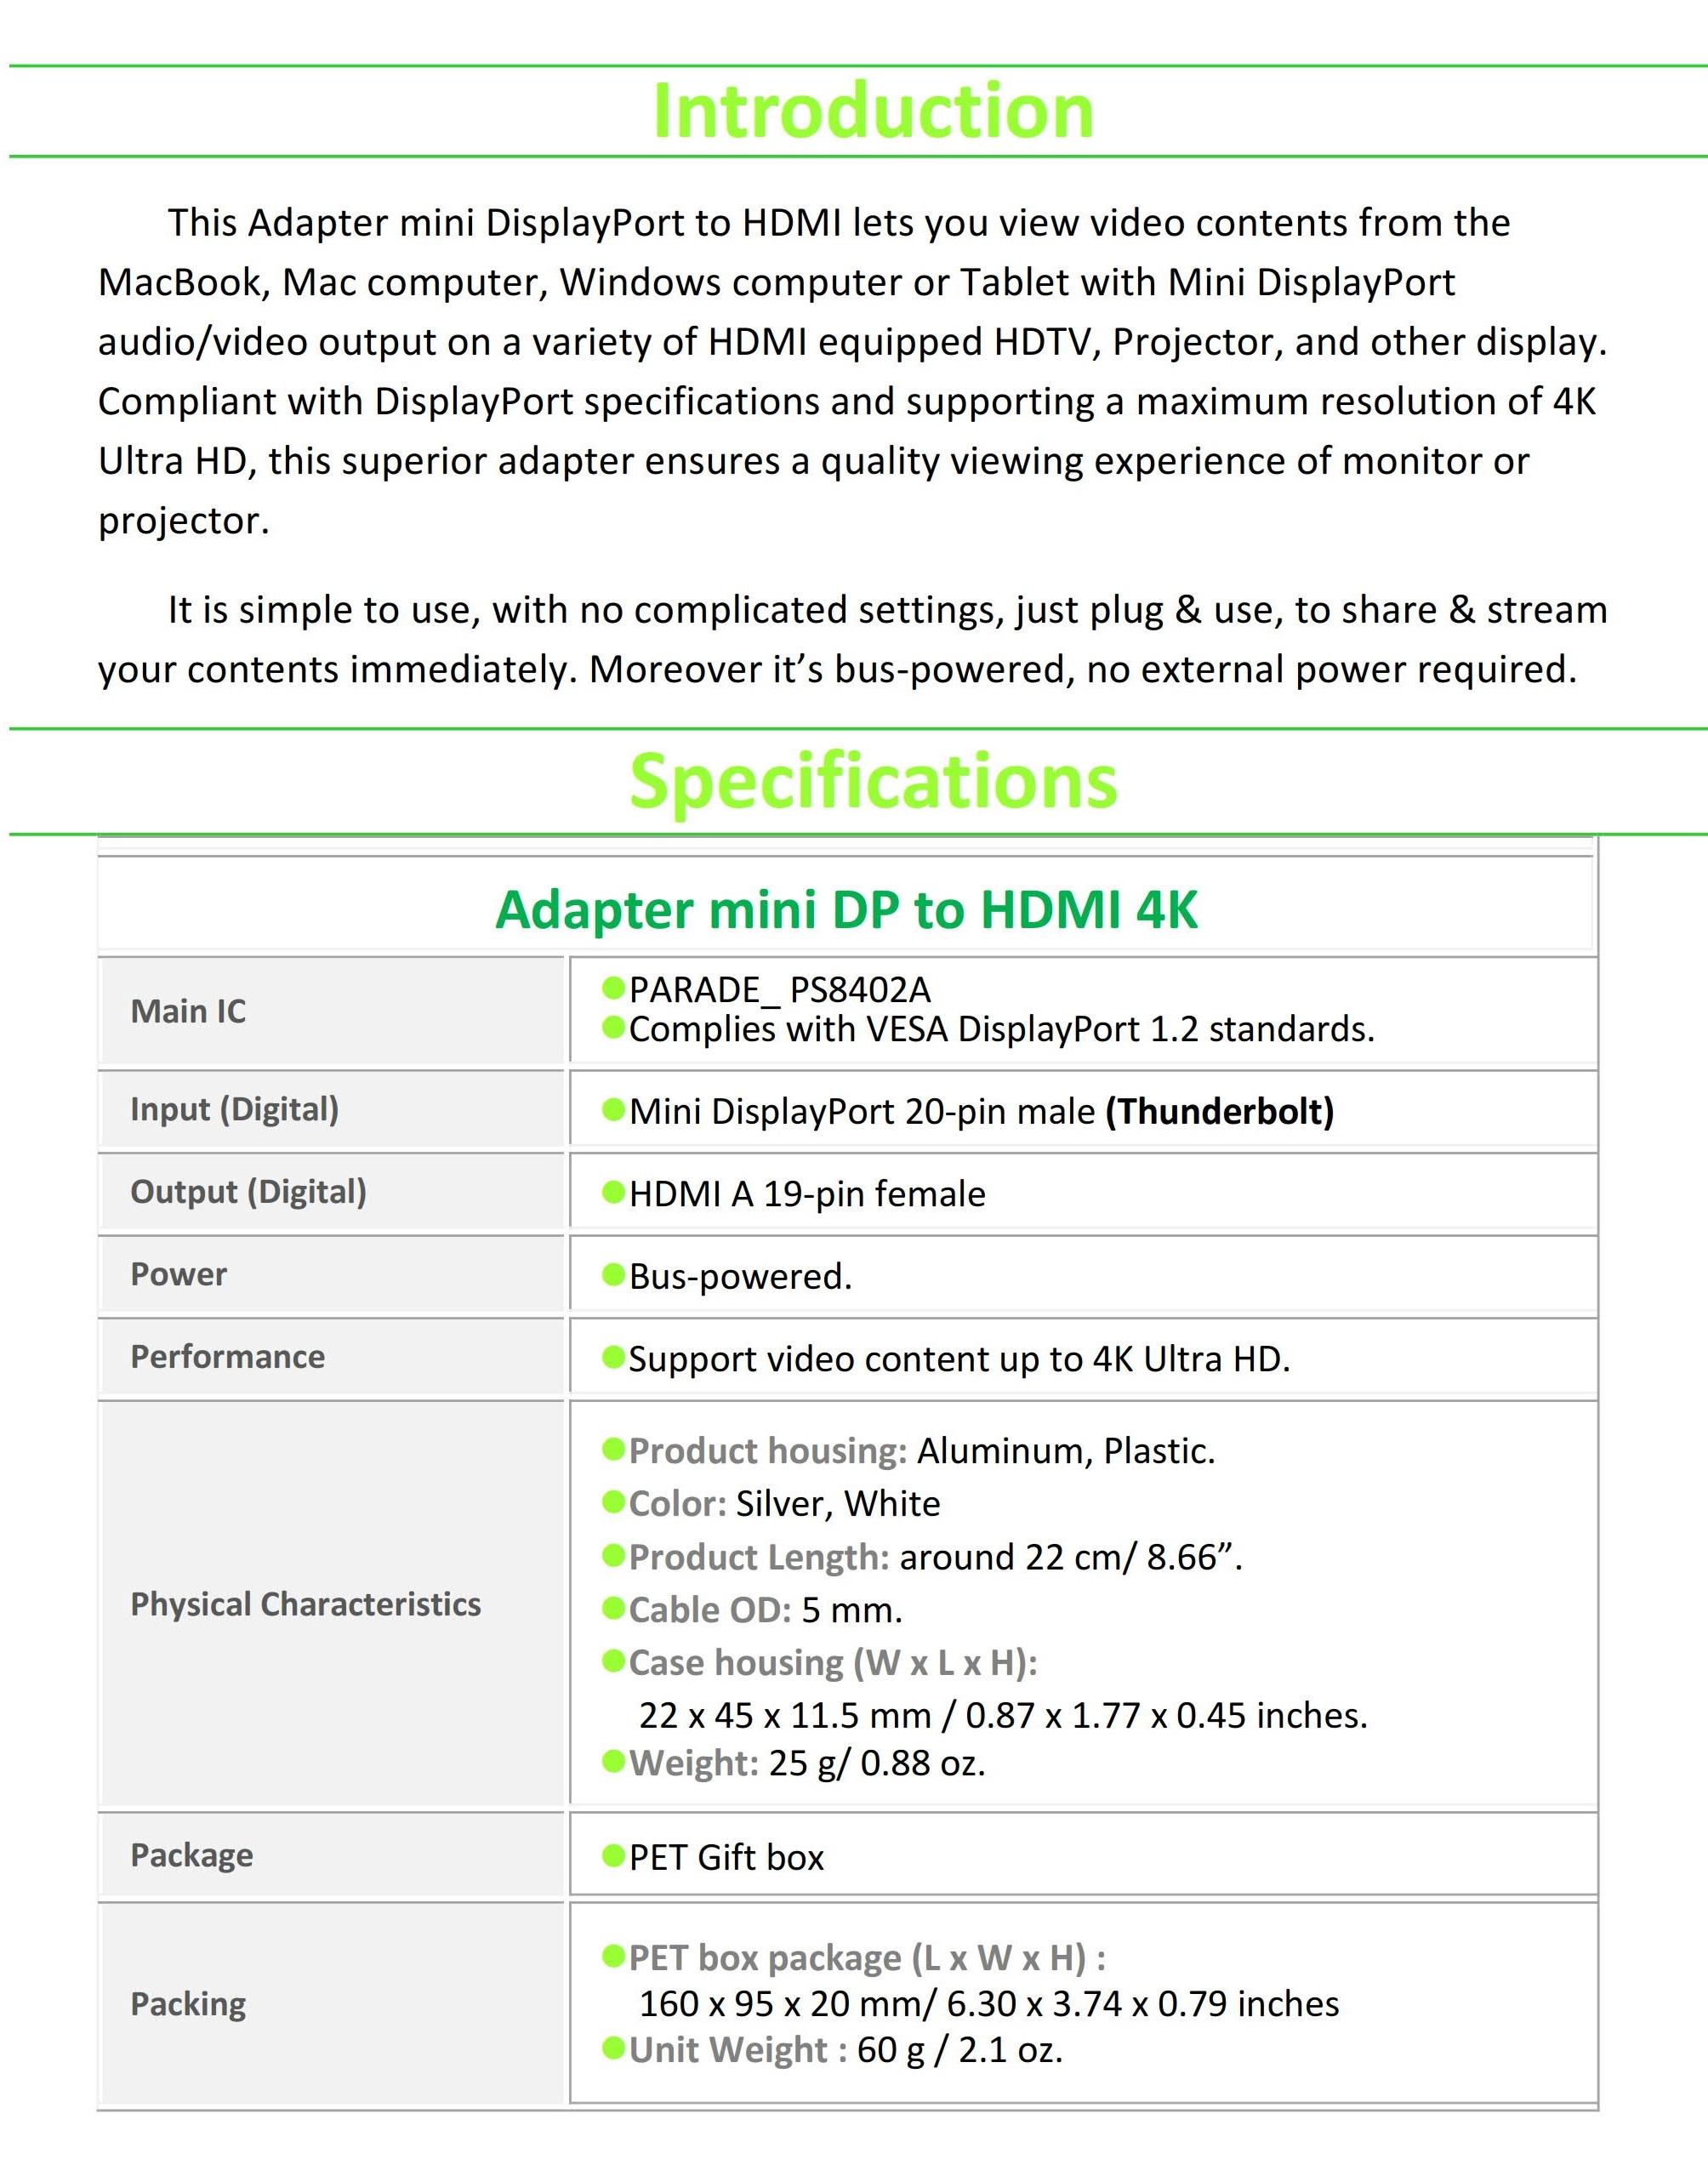 mdp-h21-spec10.jpg